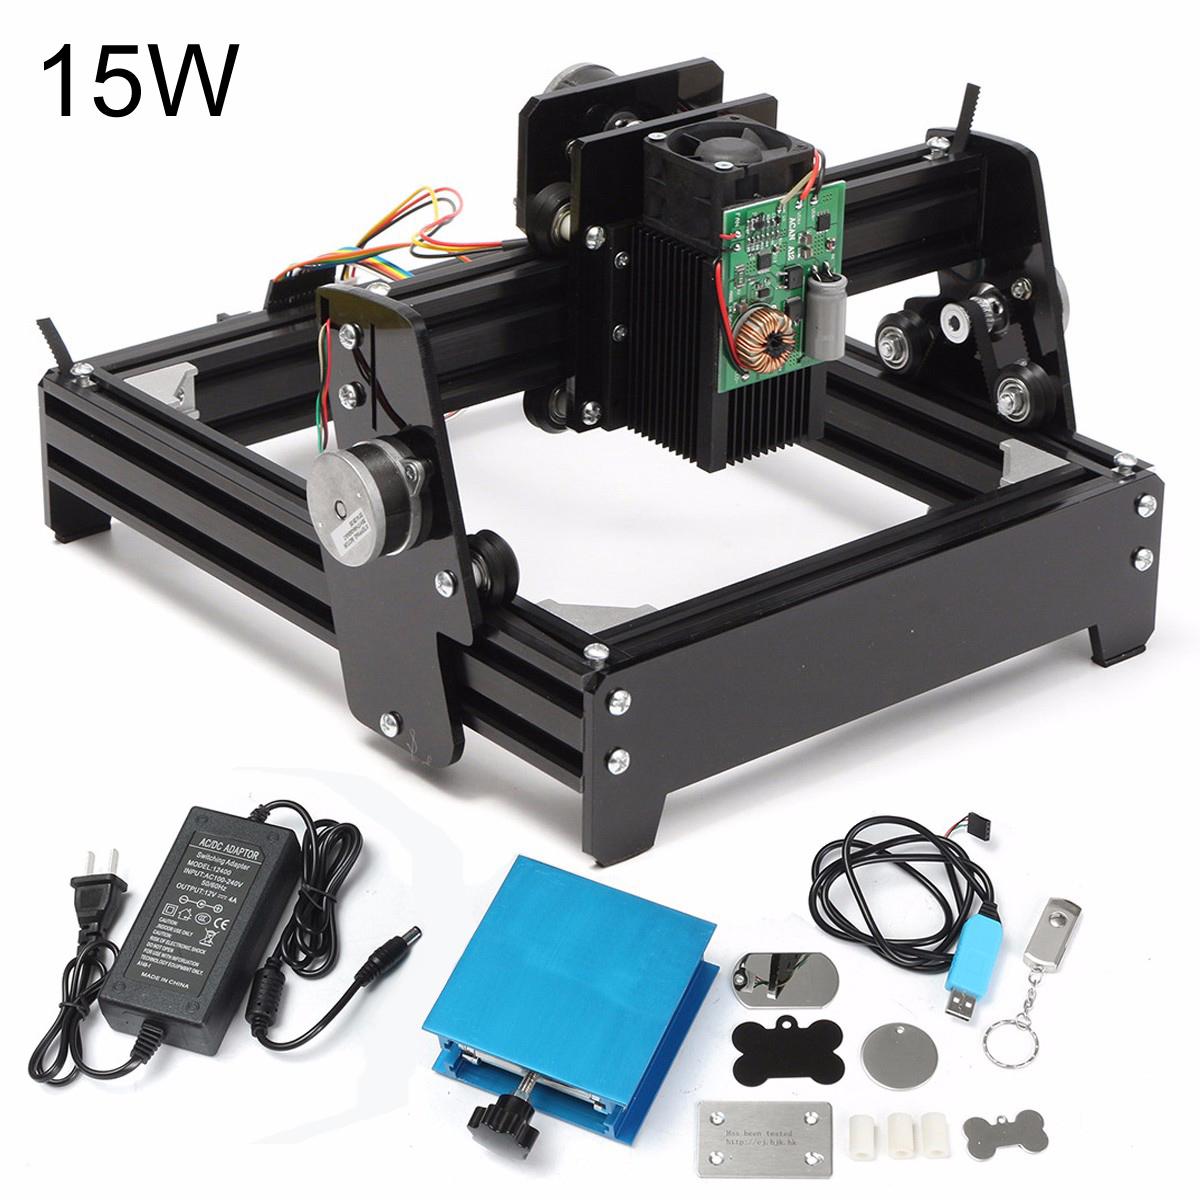 Лазерный гравер (48 фото): настольный станок для гравировки и резки с чпу, мини-станок для печатей и штампов, настройка и подготовка фото